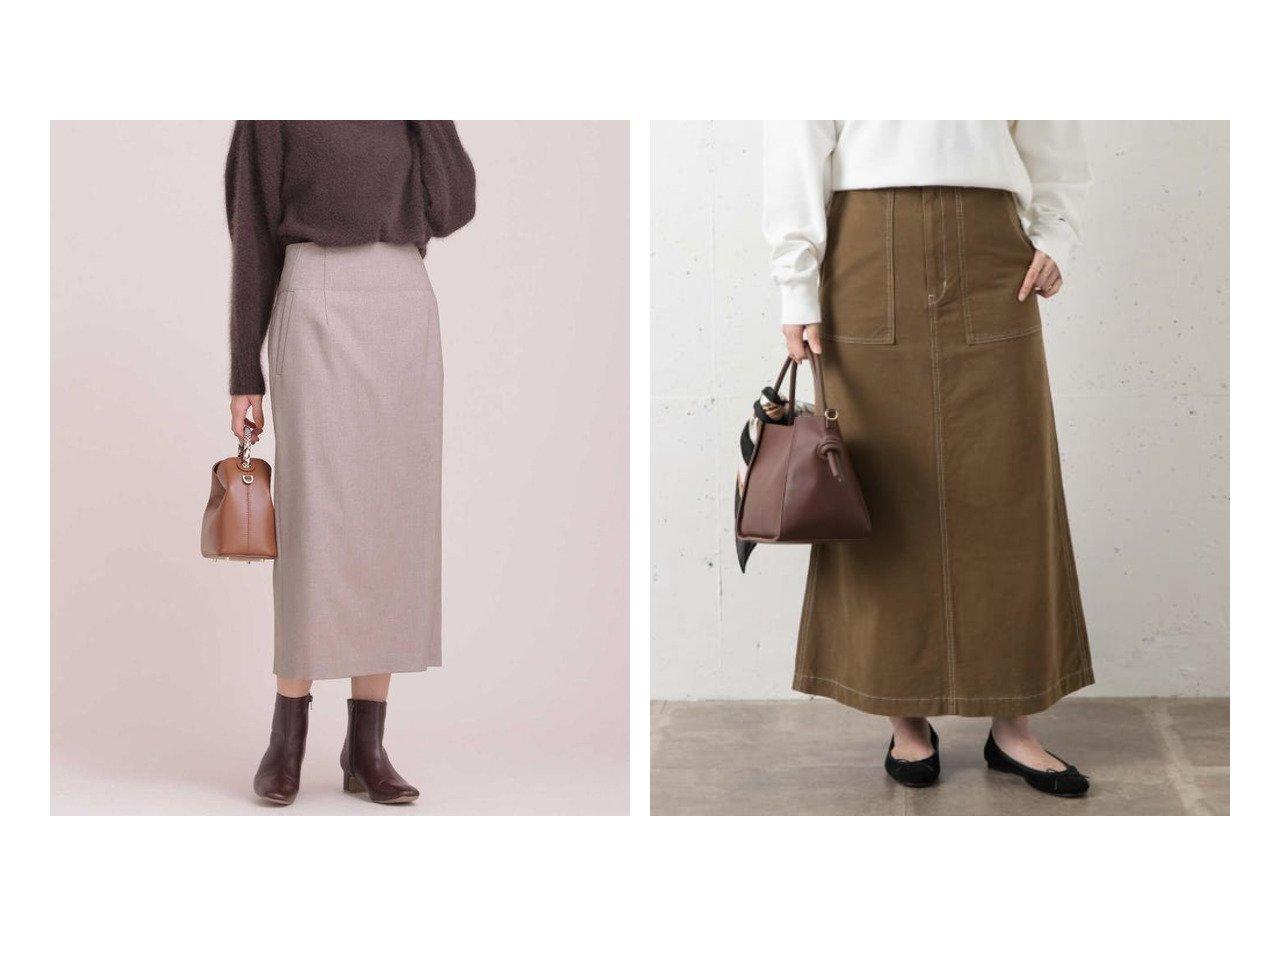 【Sonny Label / URBAN RESEARCH/サニーレーベル】のセミフレアベイカースカート&【nano universe/ナノ ユニバース】の2wayスカート スカートのおすすめ!人気、レディースファッションの通販 おすすめで人気のファッション通販商品 インテリア・家具・キッズファッション・メンズファッション・レディースファッション・服の通販 founy(ファニー) https://founy.com/ ファッション Fashion レディース WOMEN スカート Skirt Aライン/フレアスカート Flared A-Line Skirts ウォーム サスペンダー シンプル スリット タイトスカート ツイル パープル ポケット スタンダード |ID:crp329100000001487